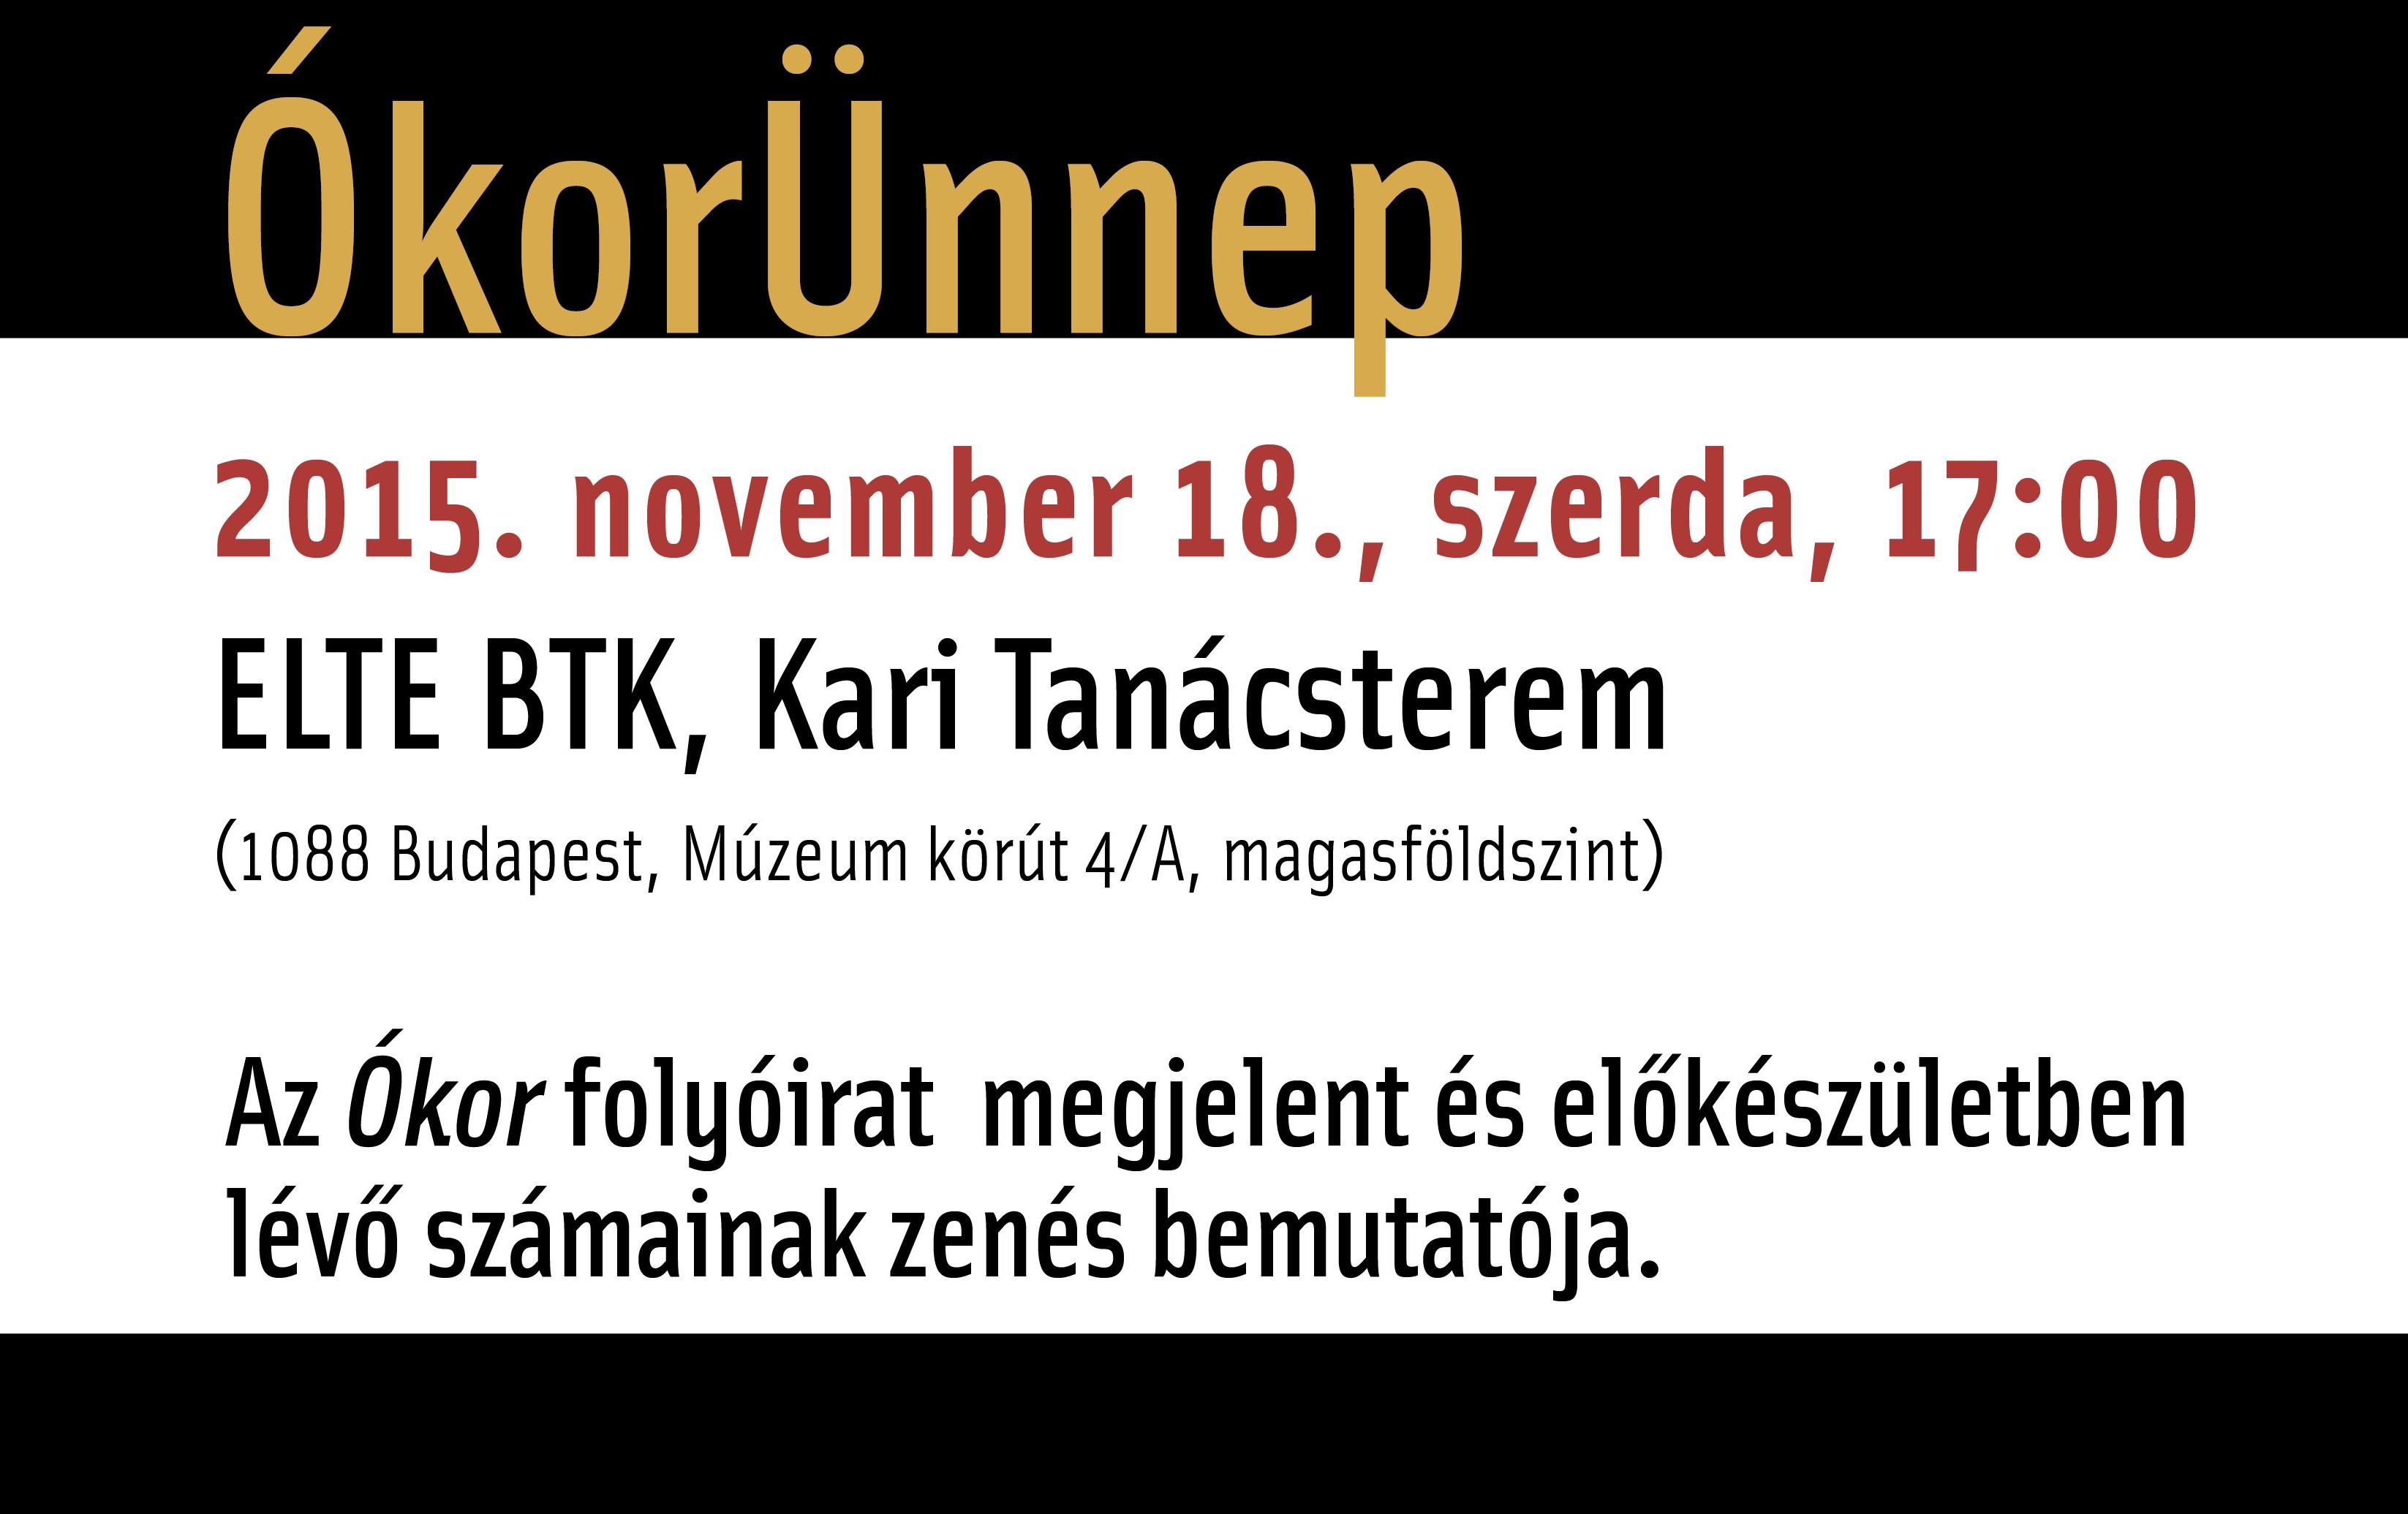 OkorUnnep_banner